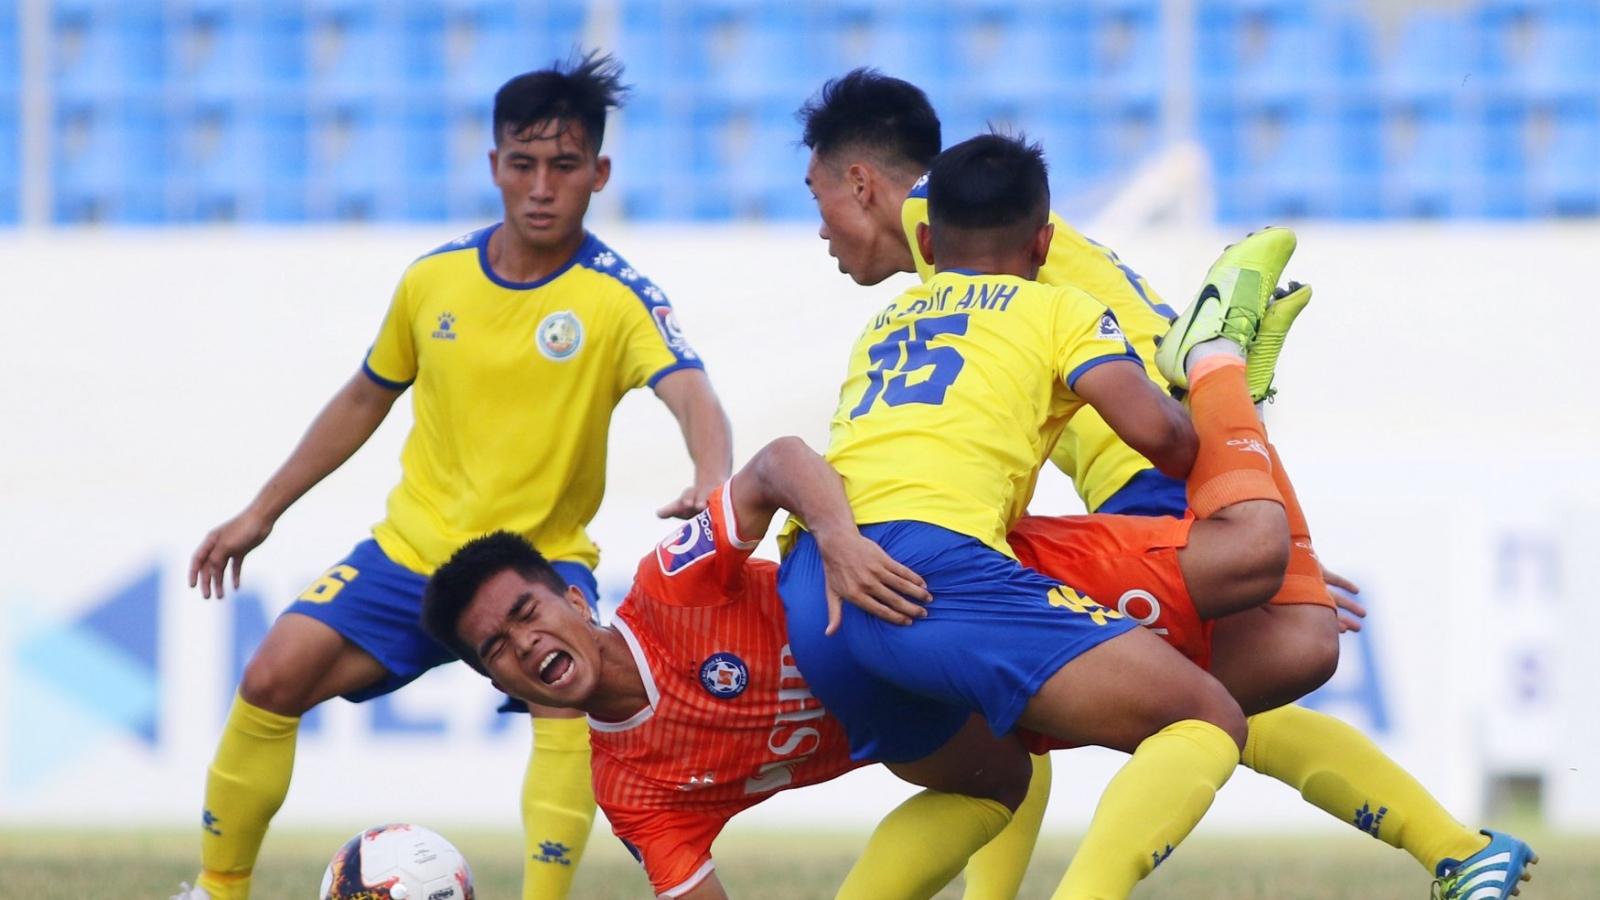 Trận bóng đá đầu tiên ở Việt Nam bị hoãn vì Covid-19 ở Đà Nẵng